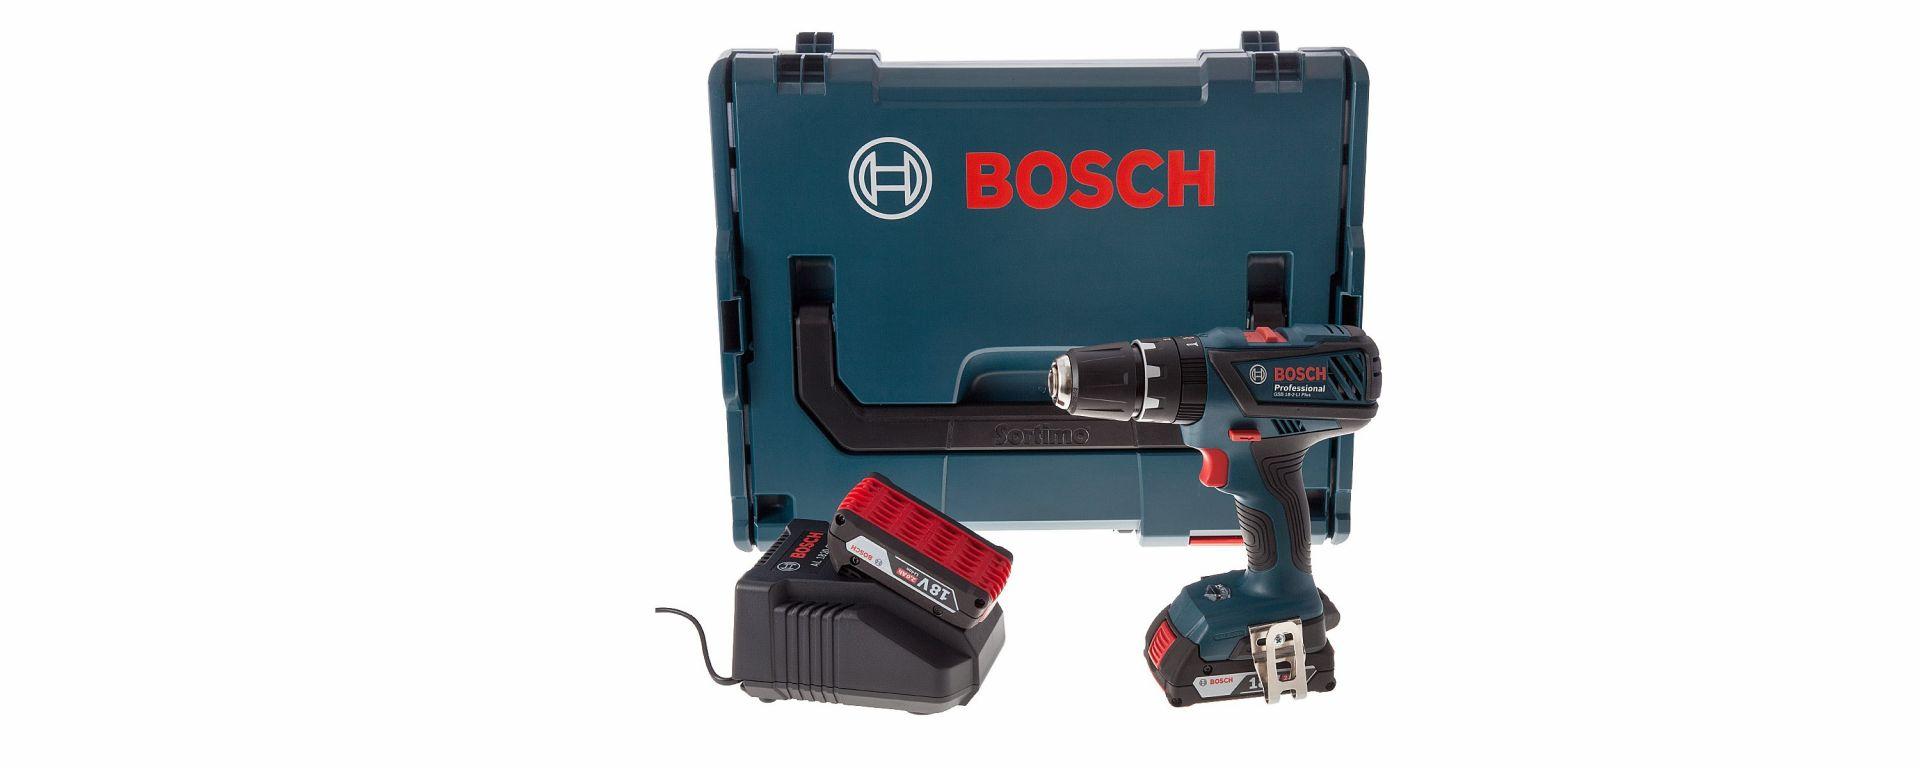 Trapano avvitatore a percussione Bosch GSB 18-2-Li Plus Professional: potente come una moto